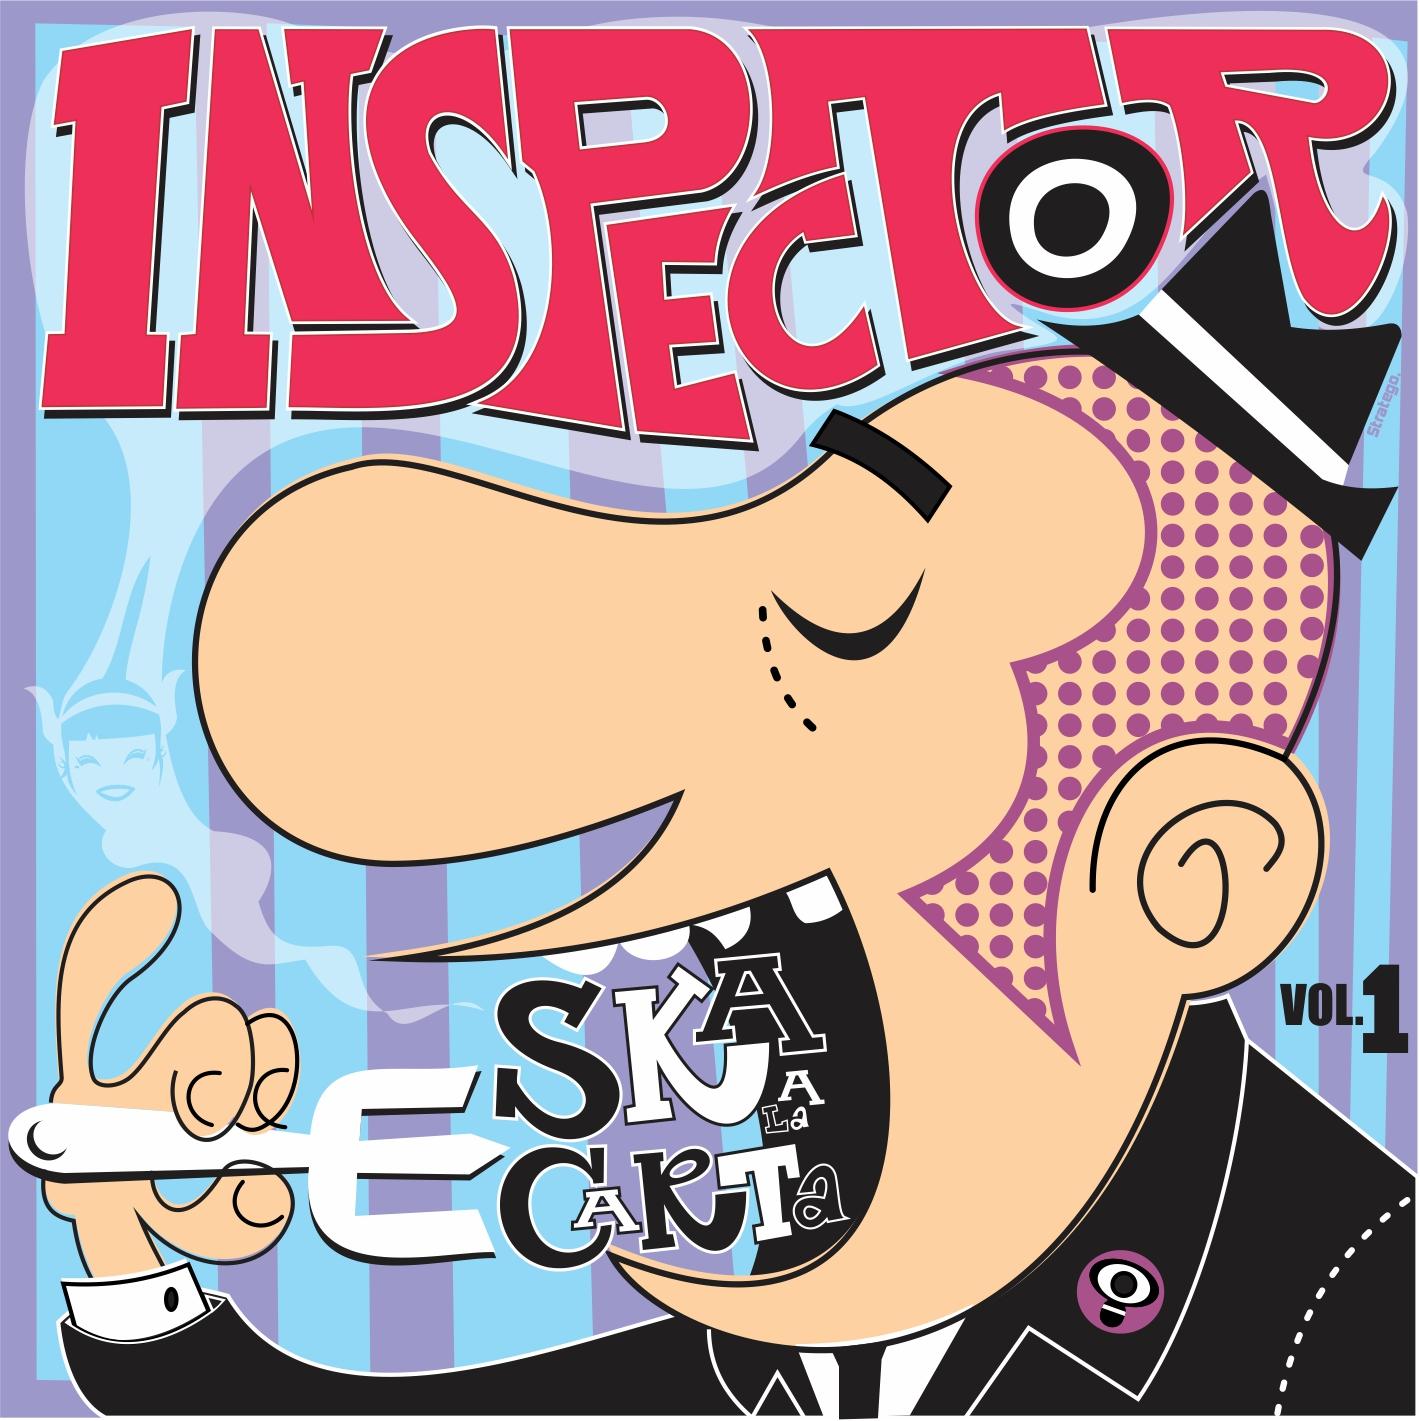 Latin ska reggae inspector ska a la carta 2011 A 1 inspections